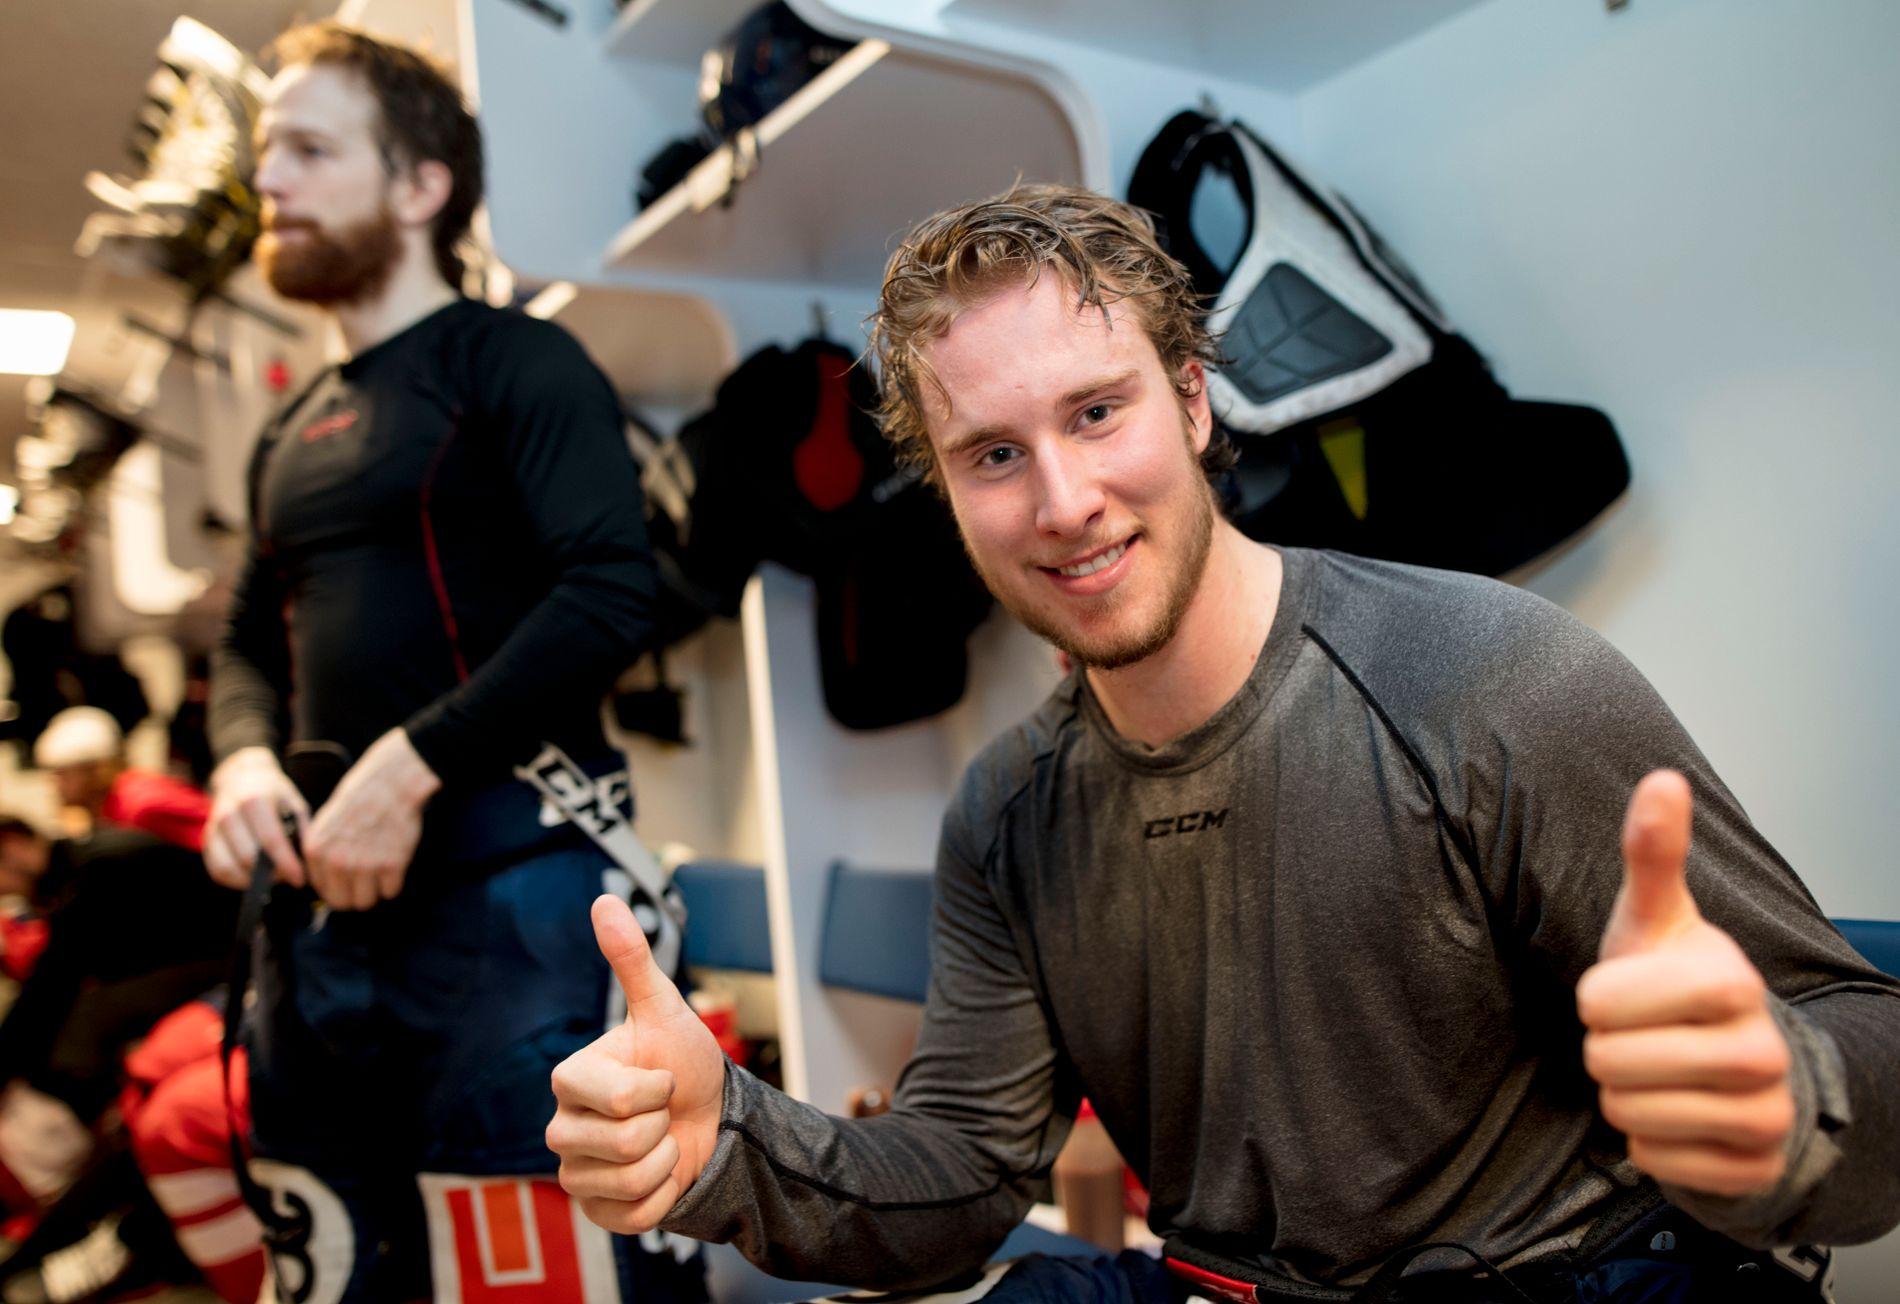 ÅRETS NYKOMMER: Jacob Lundell Noer (20) ble kåret til beste nykommer sesongen 2017/18 i GET-ligaen. 20-åringen var spesielt mål-produktiv i NM-sluttspillet, der hans Lillehammer tapte for Storhamar i finalen.